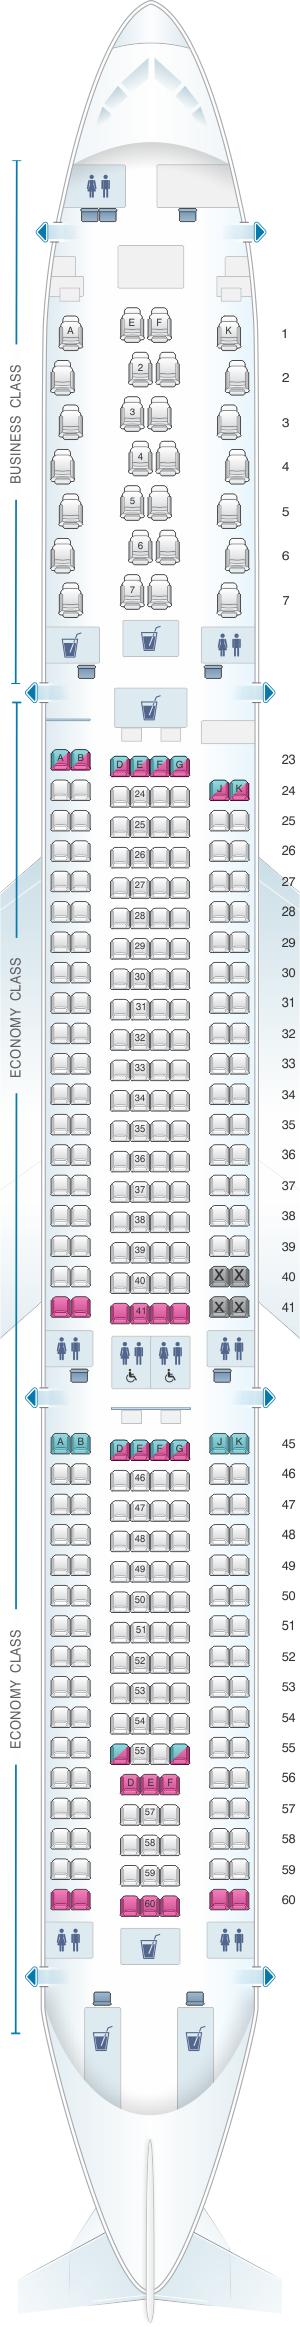 Seat Map Qantas Airways Airbus A330 300 | SeatMaestro